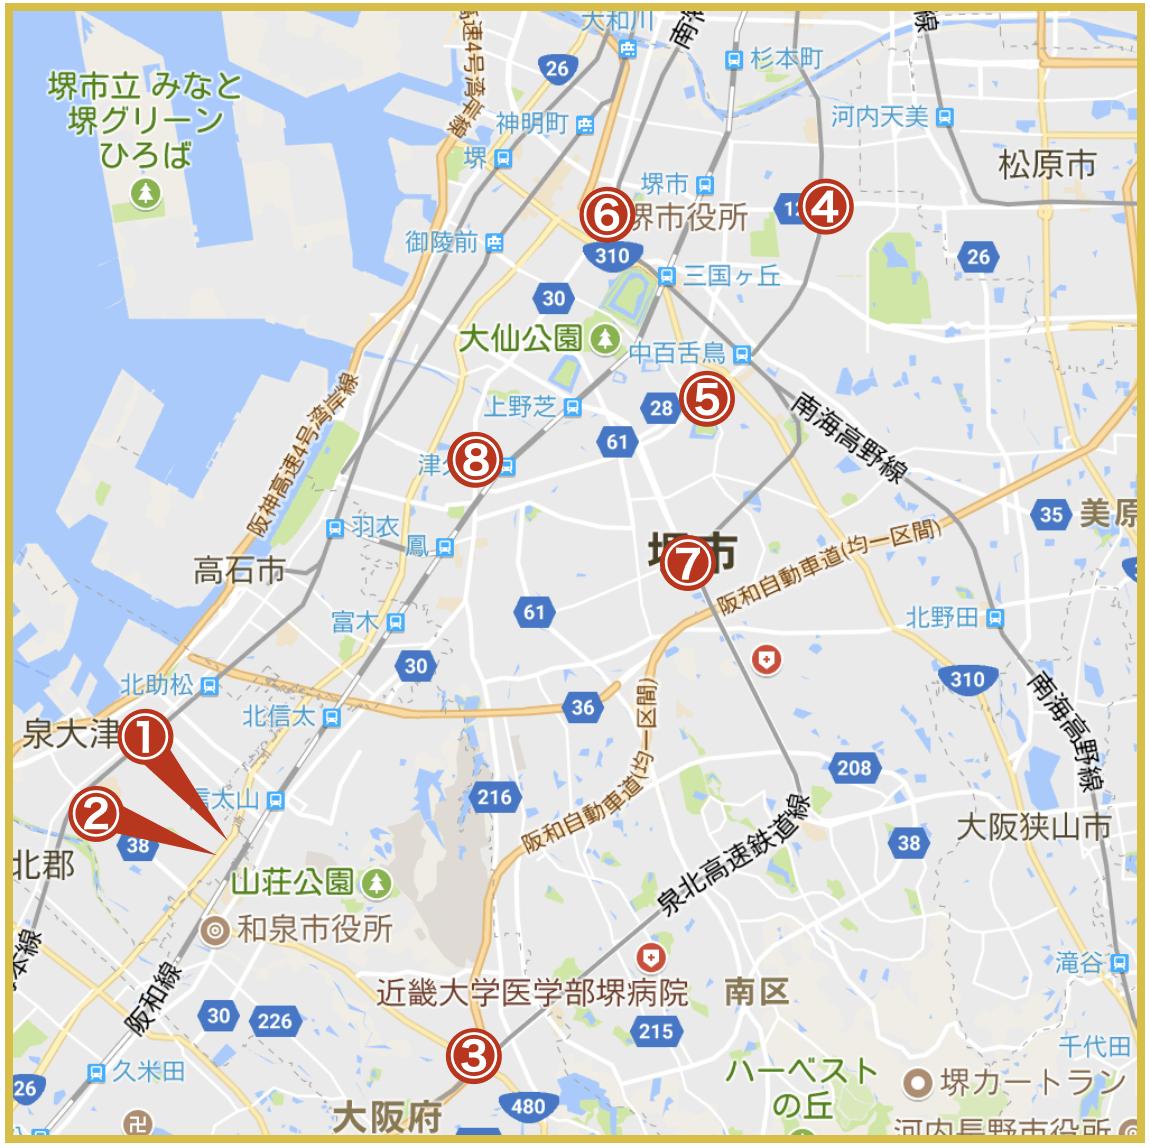 大阪府泉北地域にあるプロミス店舗・ATMの位置(2020年版)